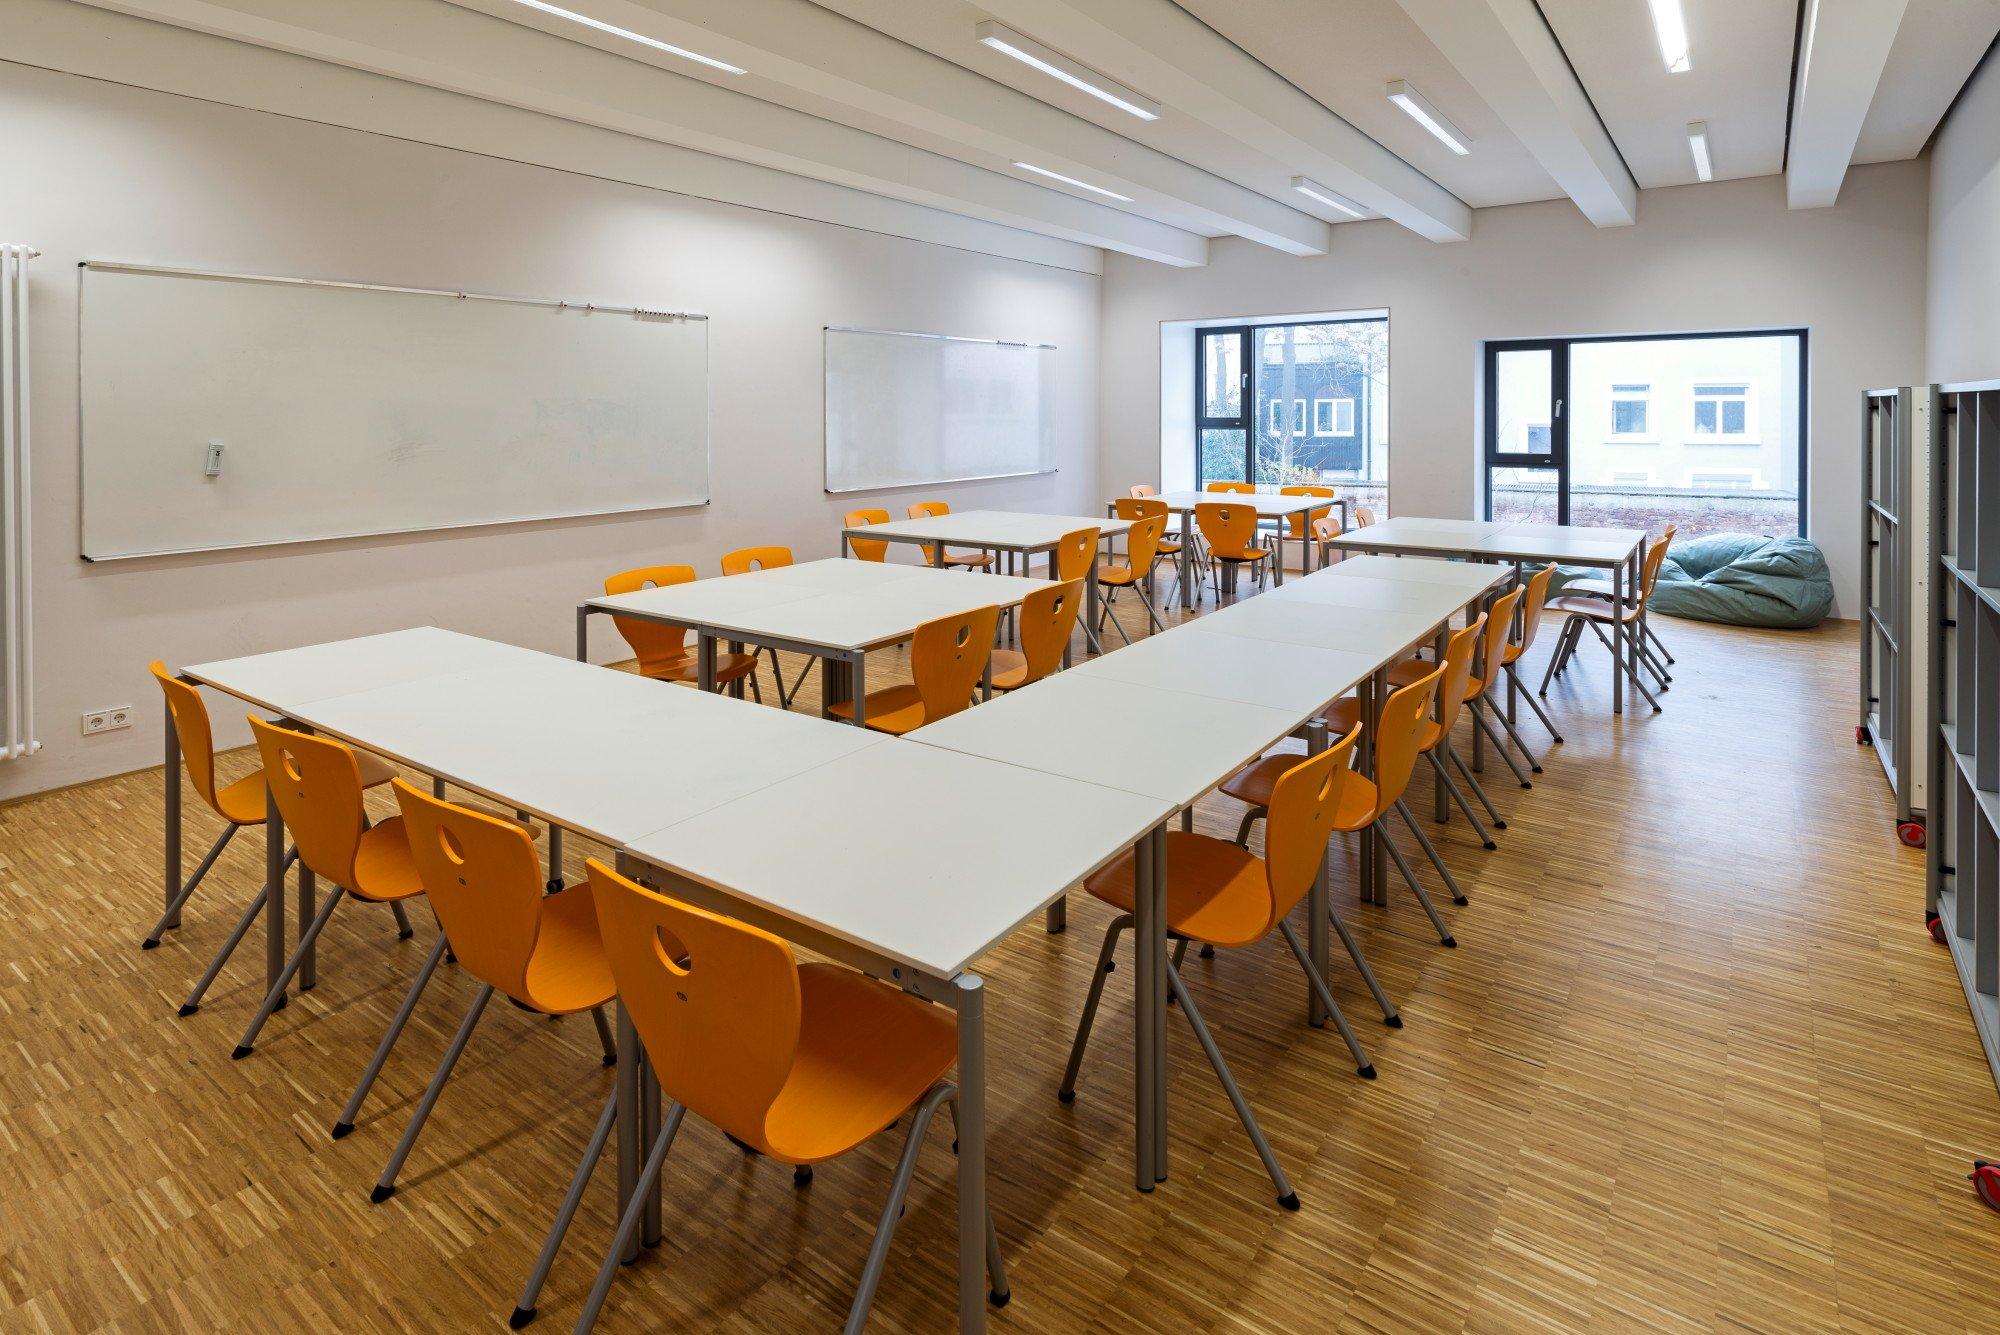 Glas Karlsruhe fichte gymnasium in karlsruhe glas bildung baunetz wissen